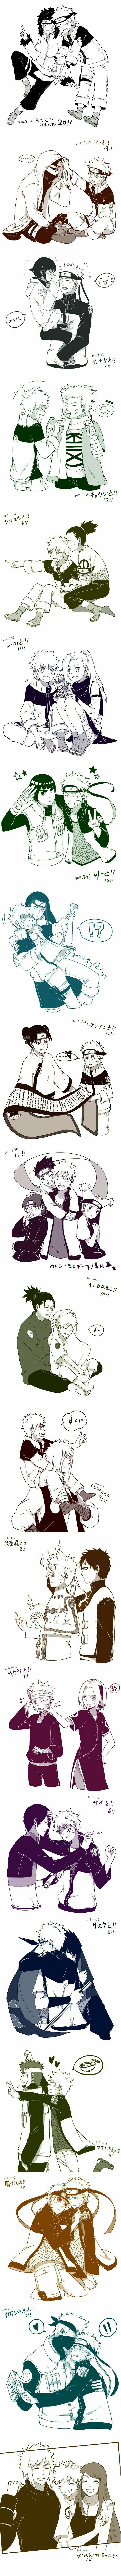 naruto characters text kiba shino hinata team 8 choji shikamaru ino team 10 rock lee neji tenten team guy konohamaru udon moegi iruka